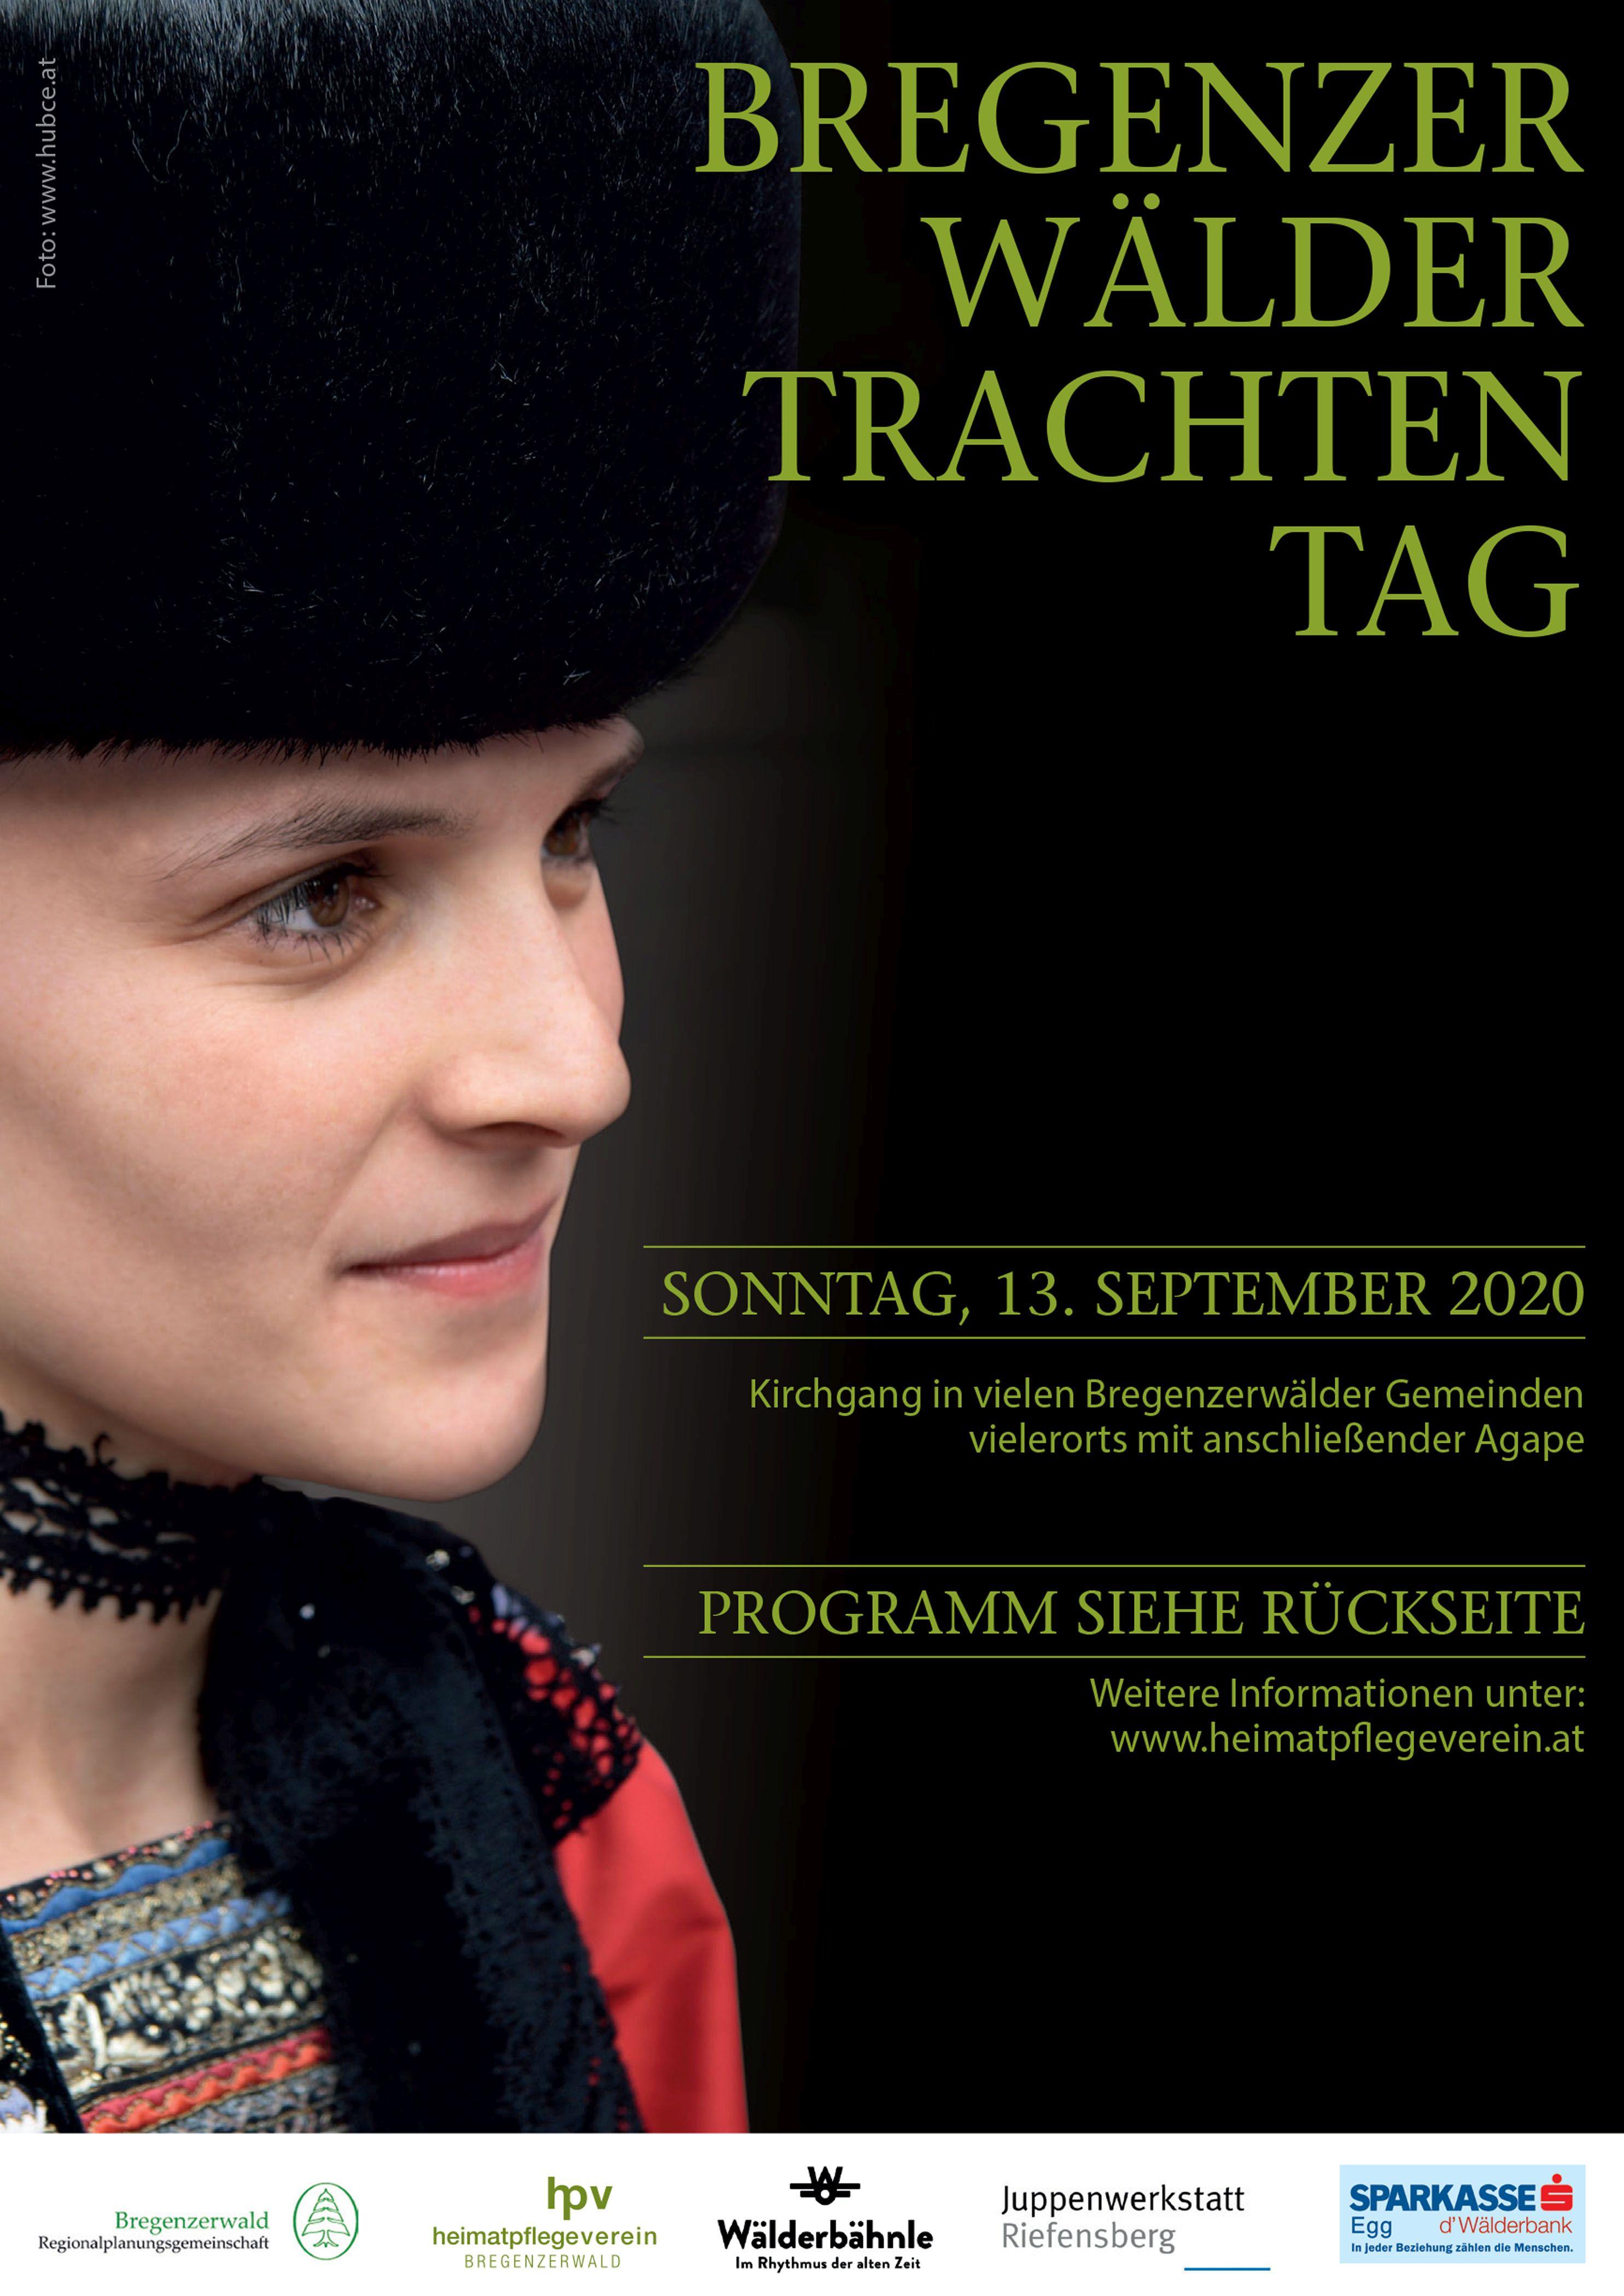 9. Bregenzerwälder Trachtentag